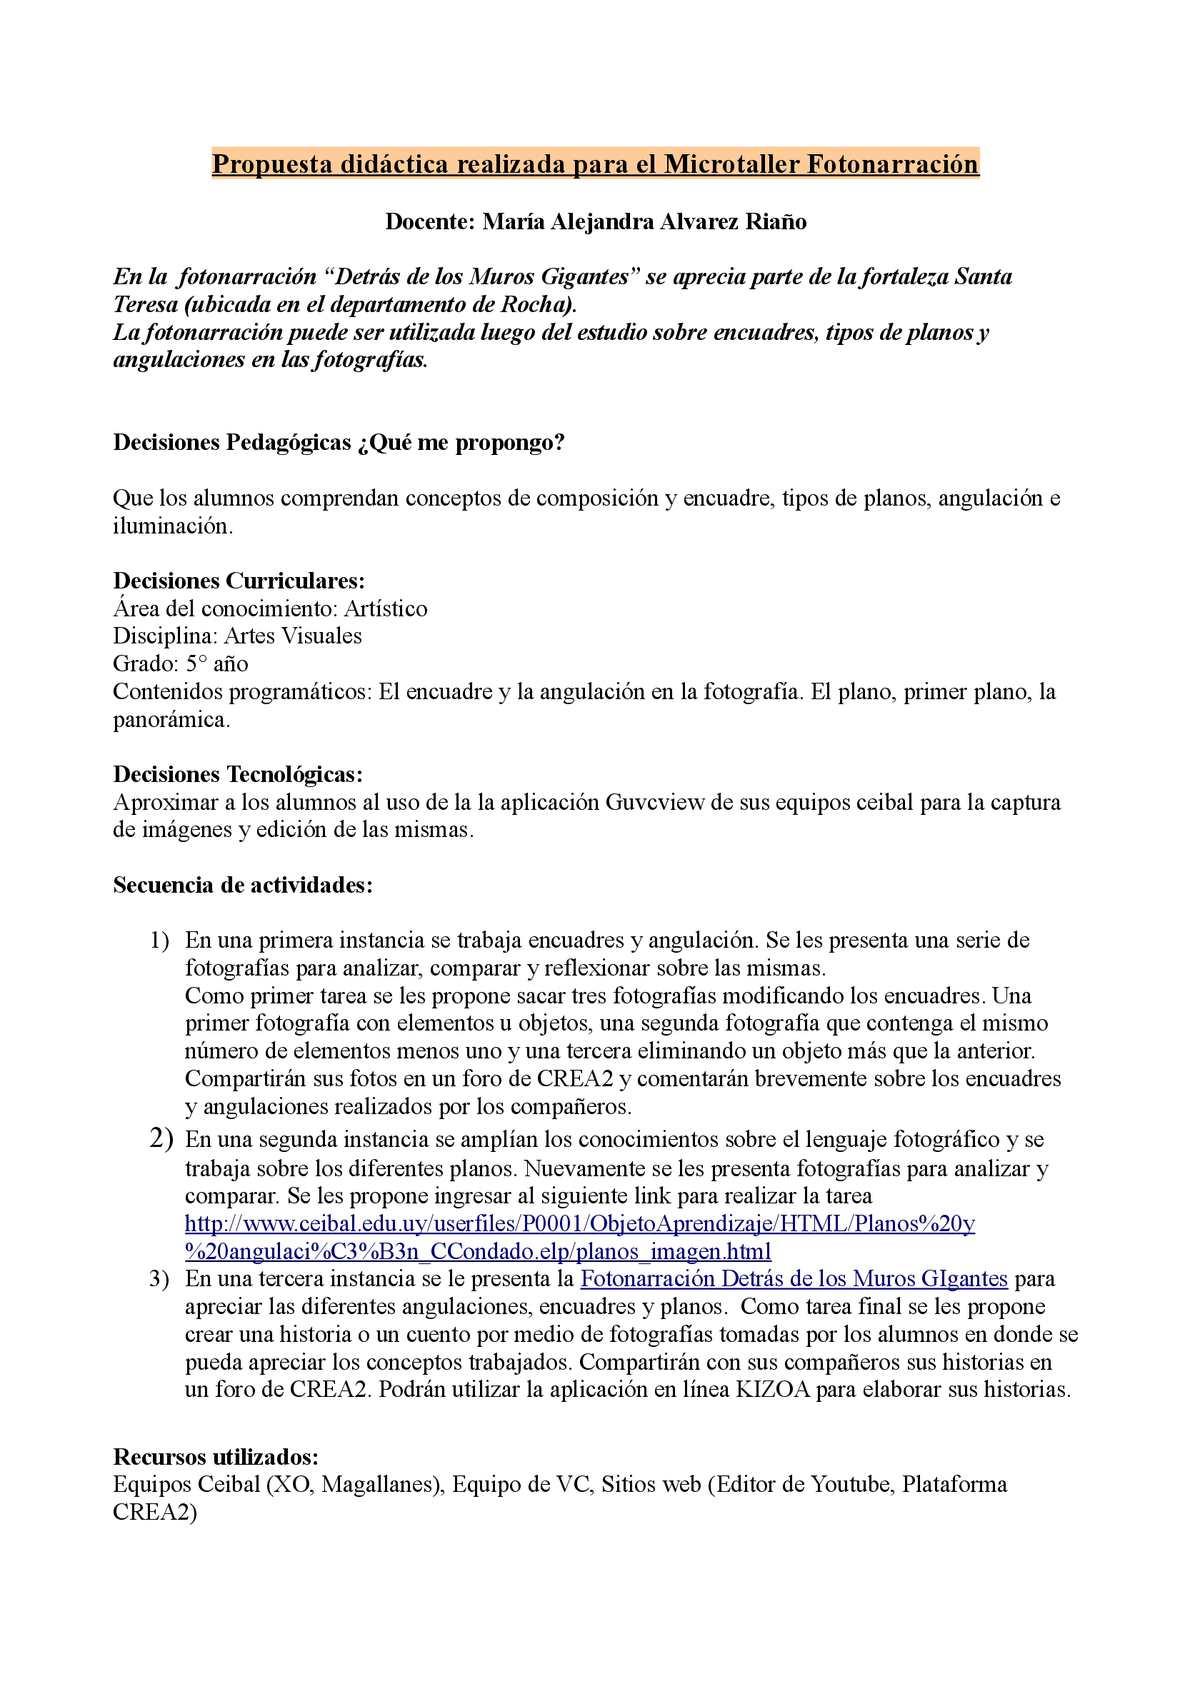 Calaméo - Propuesta Que Acompaña La Fotonarracion Detrás De Los ...